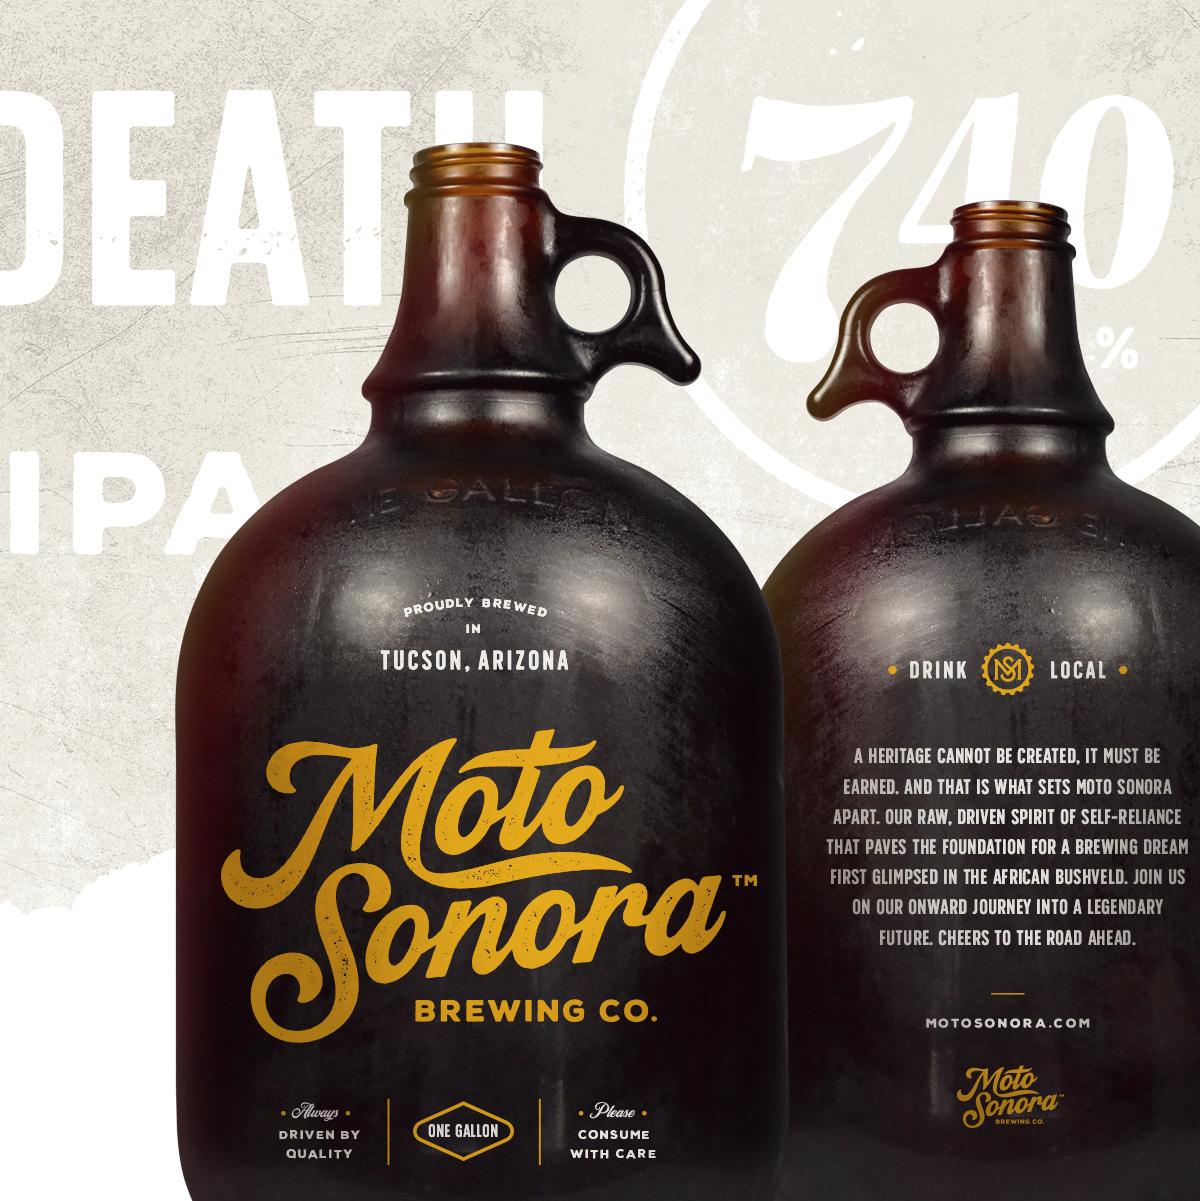 Traina Design - Moto Sonora Brewing Co.2.jpg